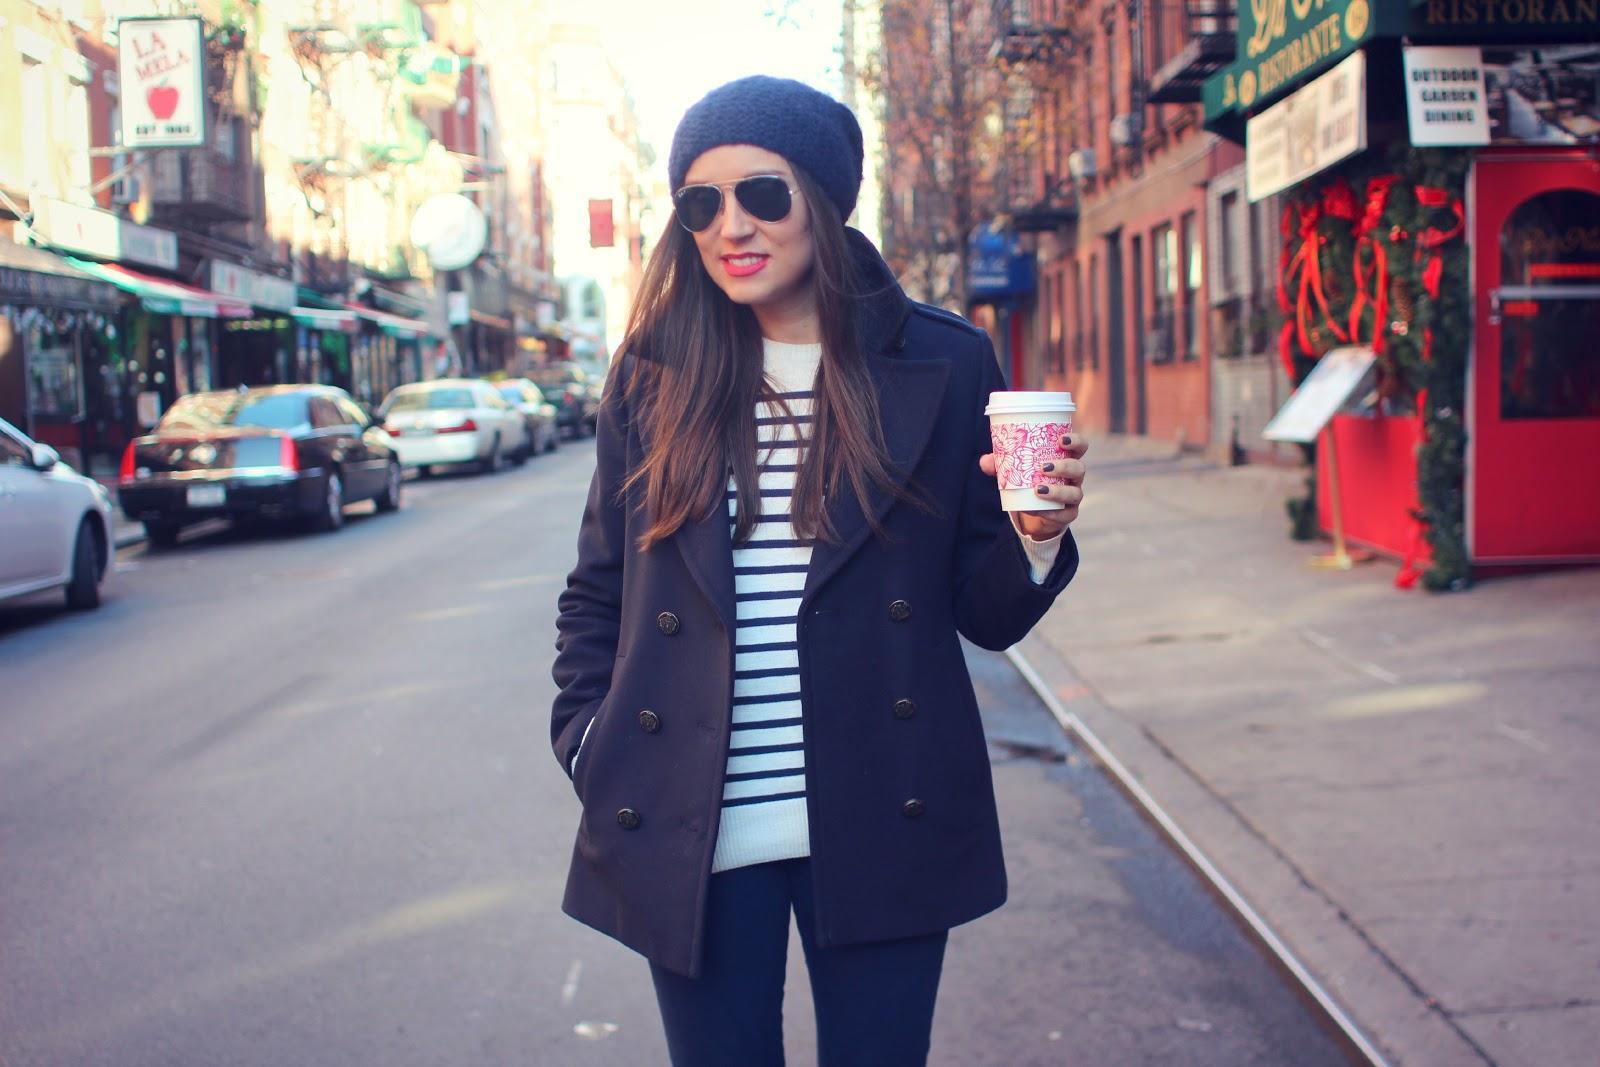 Old navy pea coat sale $15 – Modern fashion jacket photo blog